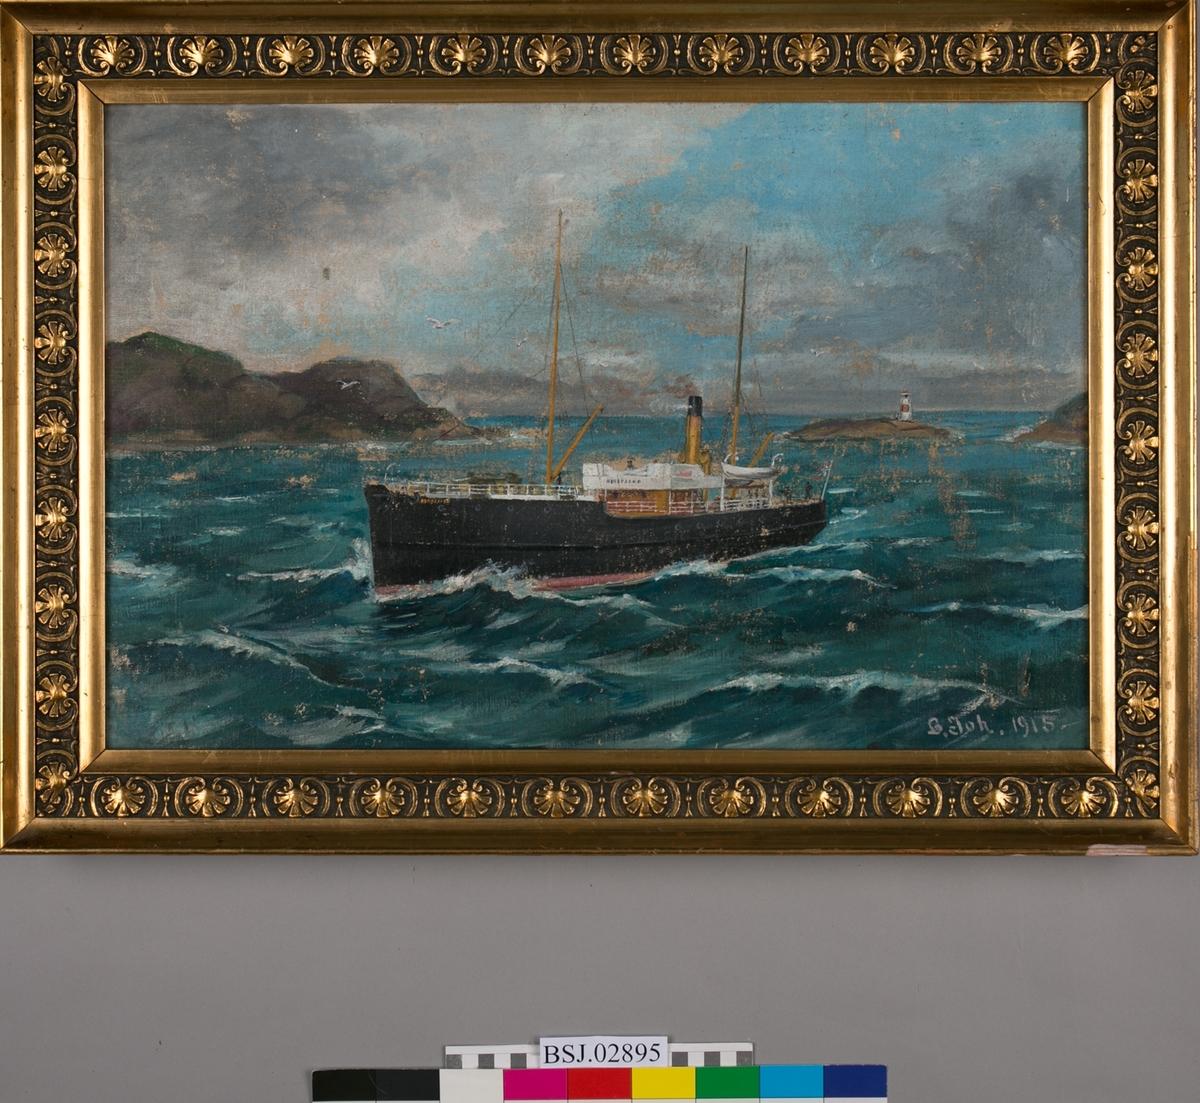 Skipsportrett av DS NORDFJORD under fart i kystlandskap, måker og fyrtårn i bakgrunnen. Motivet er i skrått perspektiv, og er ikke et klassisk skipsportrett. Norsk flagg i akter